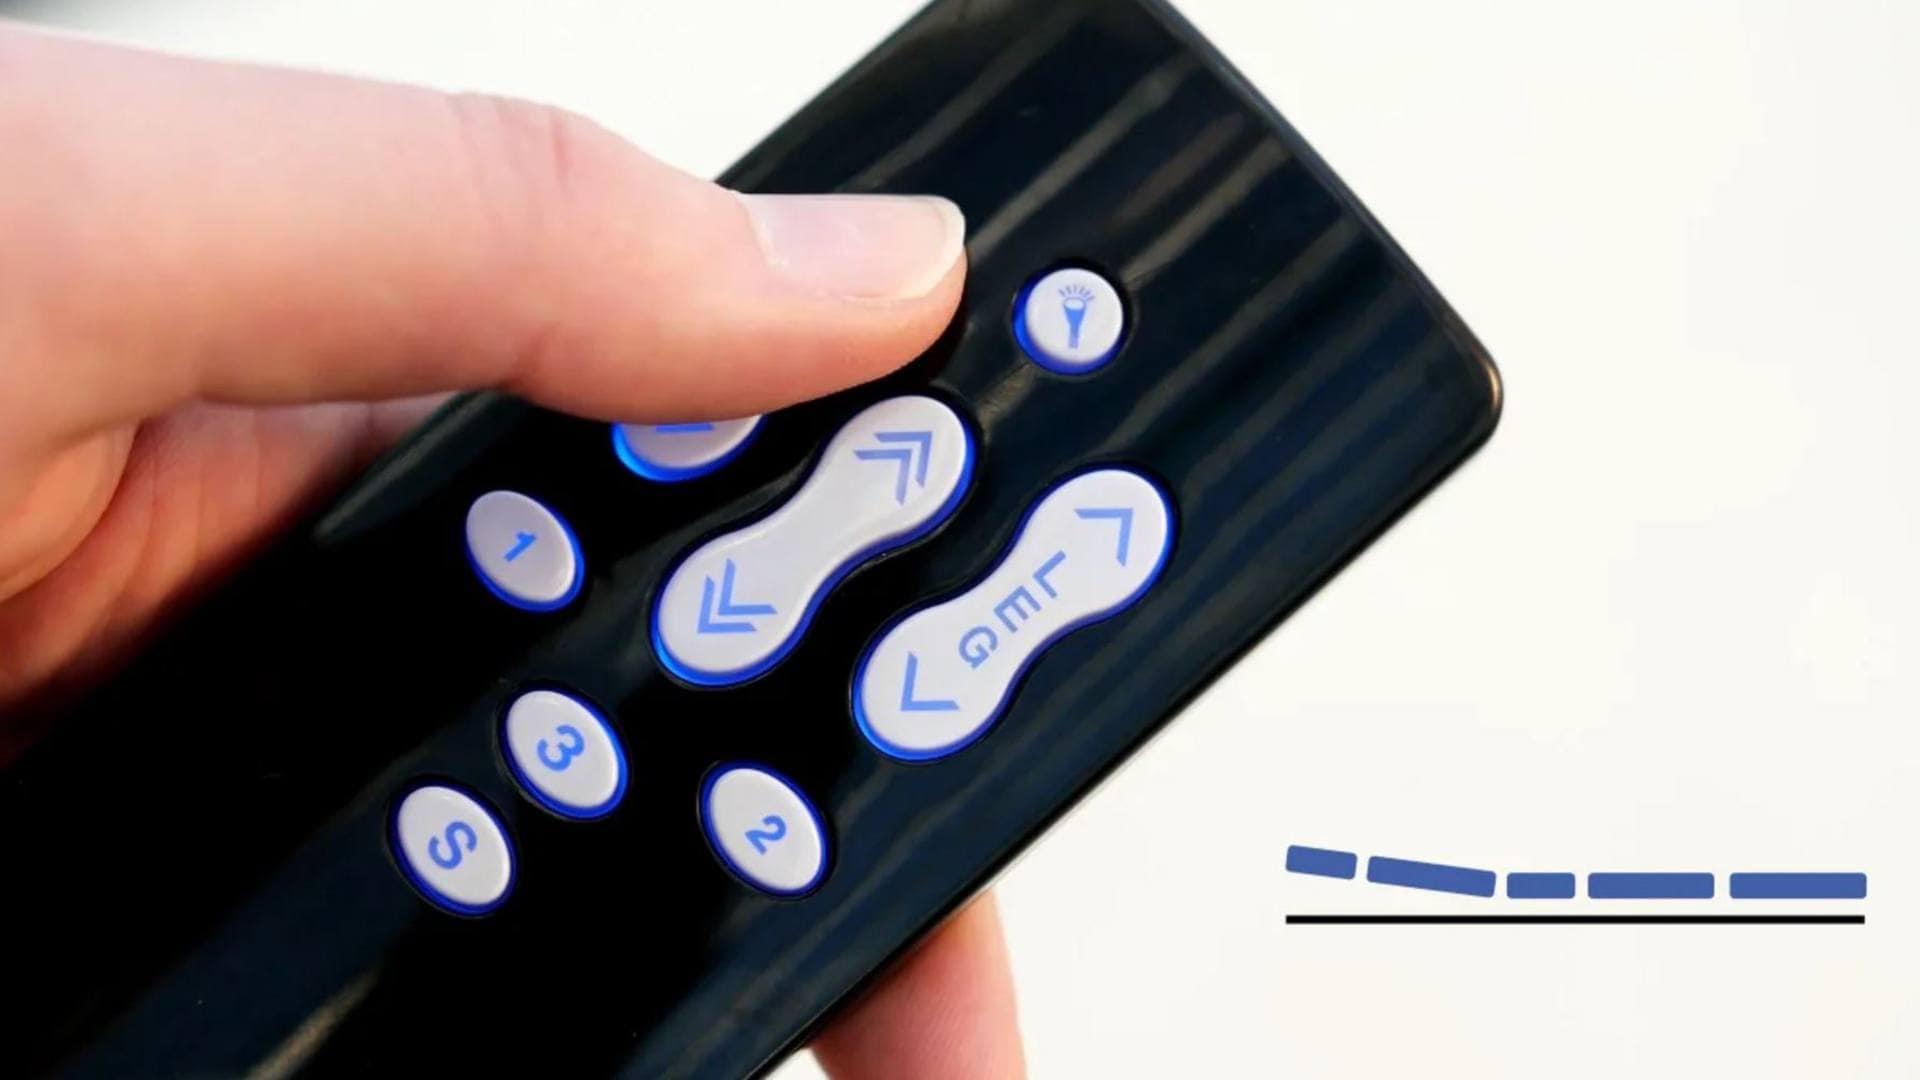 LINAK® 핸드 스위치에 전동 침대의 자세를 저장합니다